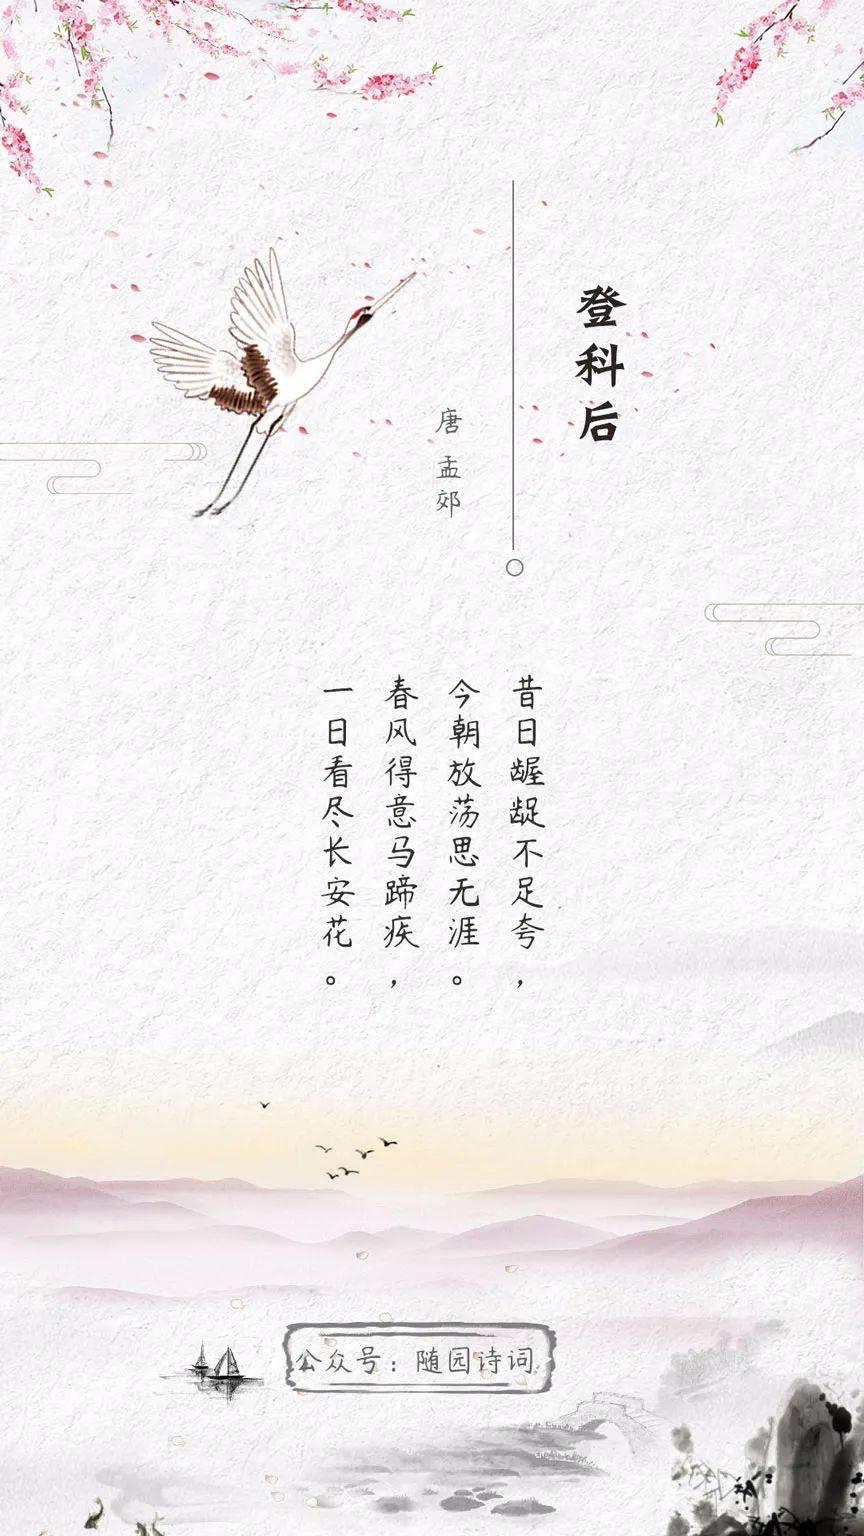 「诗词日历」孟郊:春风得意马蹄疾,一日看尽长安花。